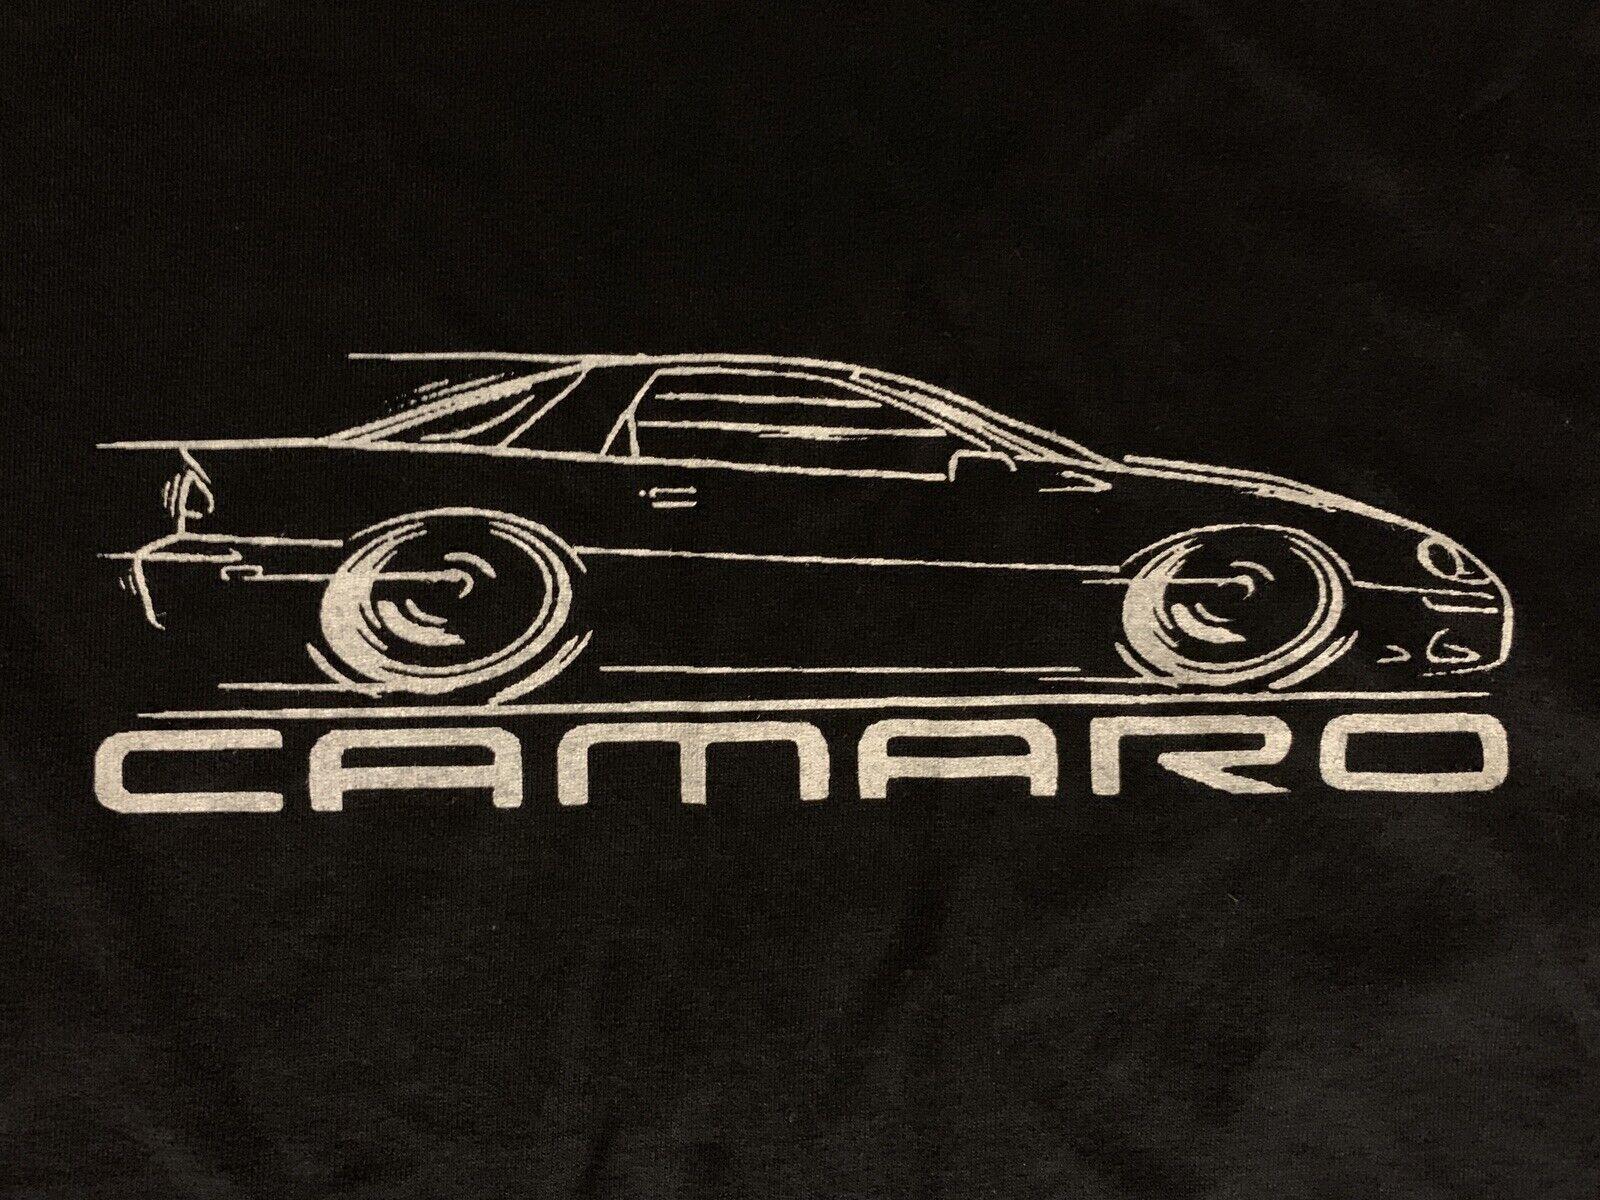 Lsx T Shirt Ls1 Ls2 5 3 6 0 Z28 Ss Camaro Rs Zl1 1lt 2lt Lt 1le 6 2 Ltx 4th Gen Ebay